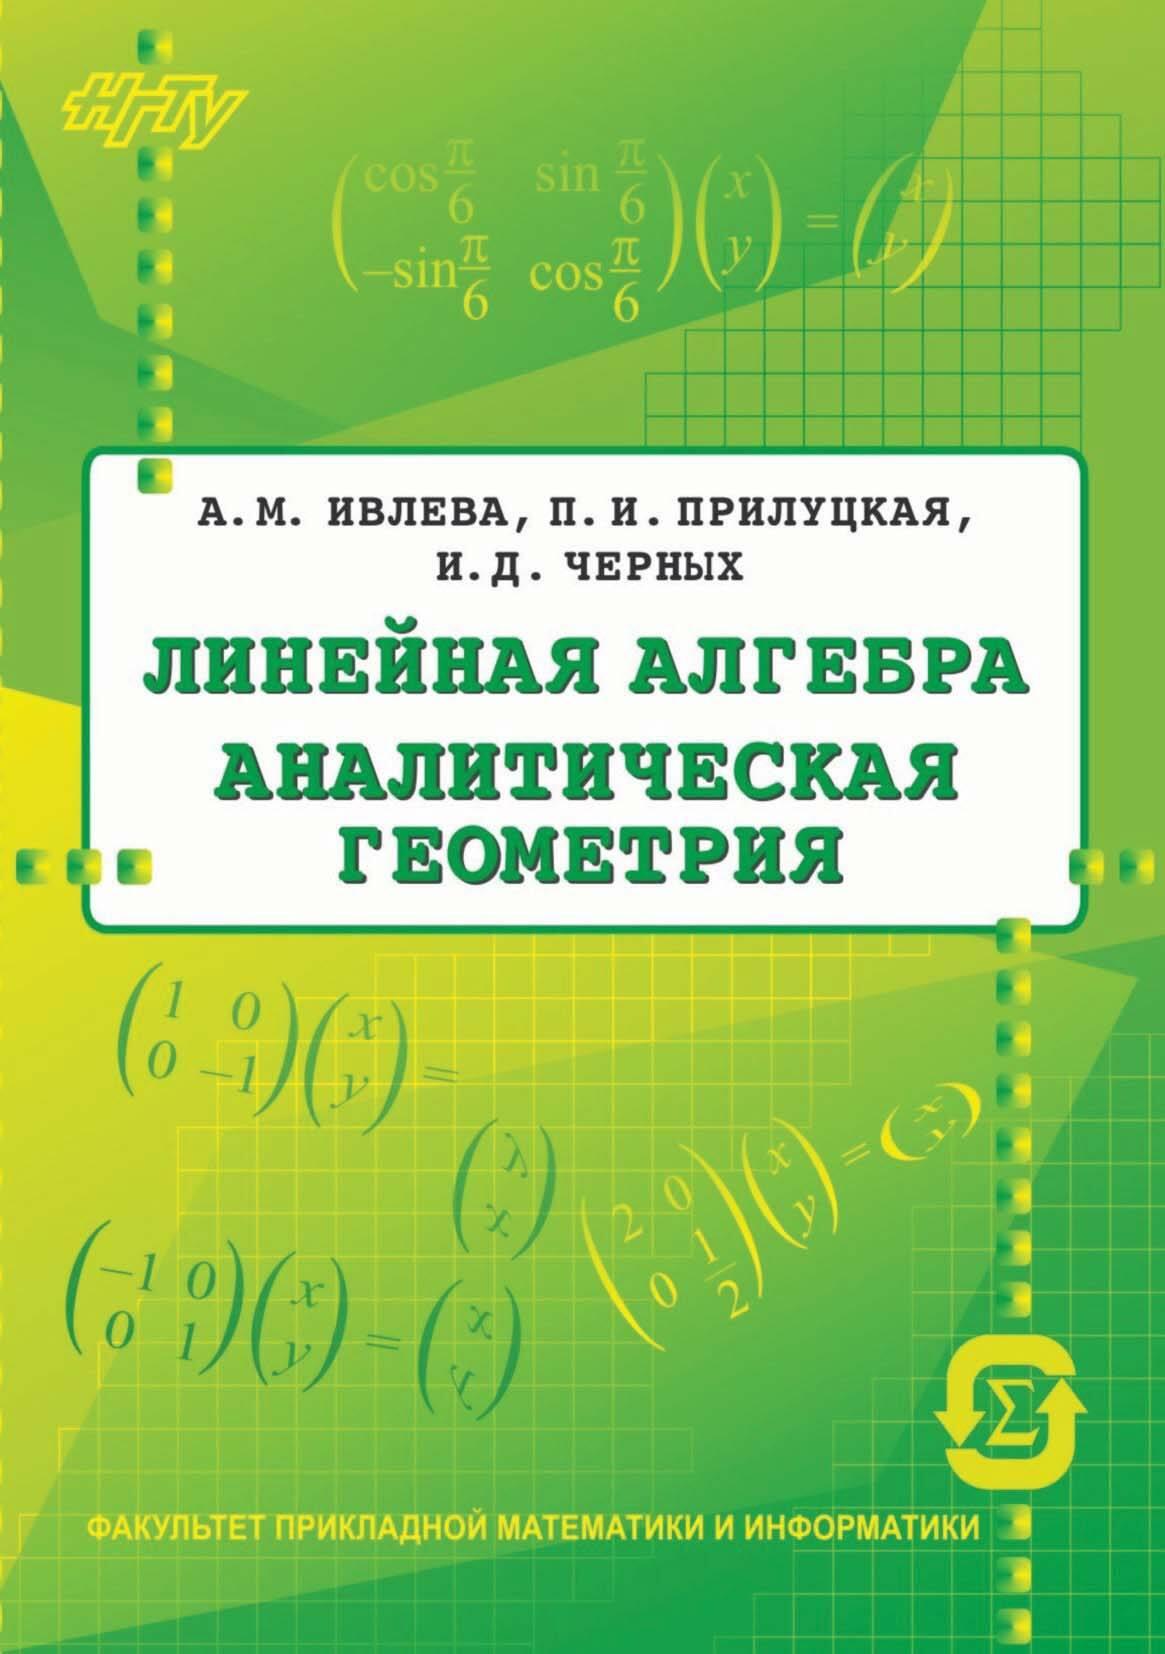 П. Прилуцкая Линейная алгебра. Аналитическая геометрия п прилуцкая линейная алгебра аналитическая геометрия